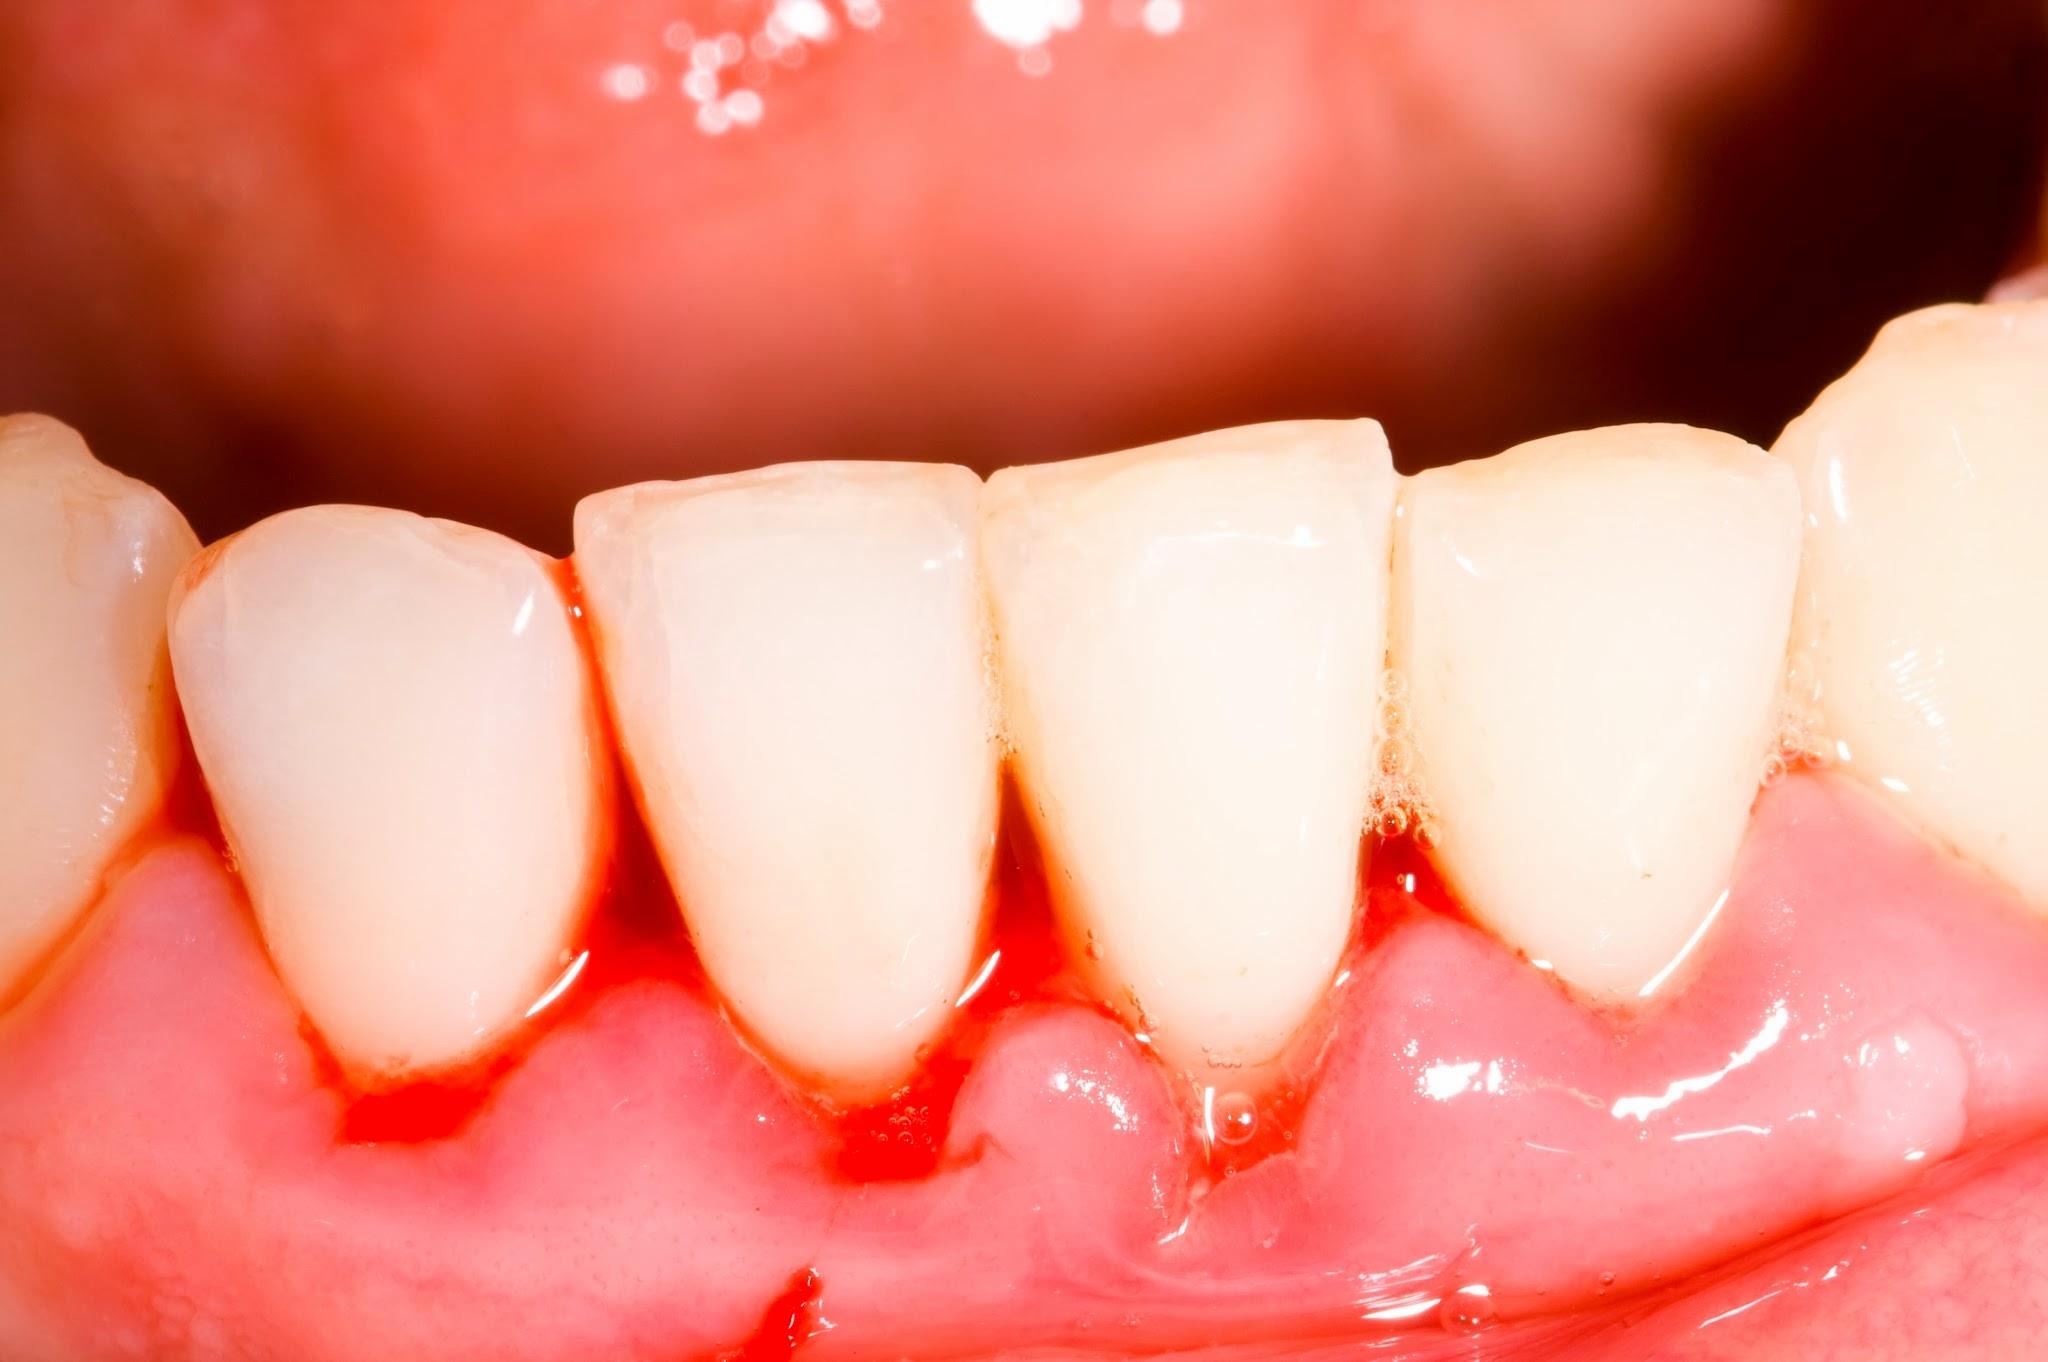 Người mắc bệnh ung thư máu thường xuyên bị chảy máu nướu răng